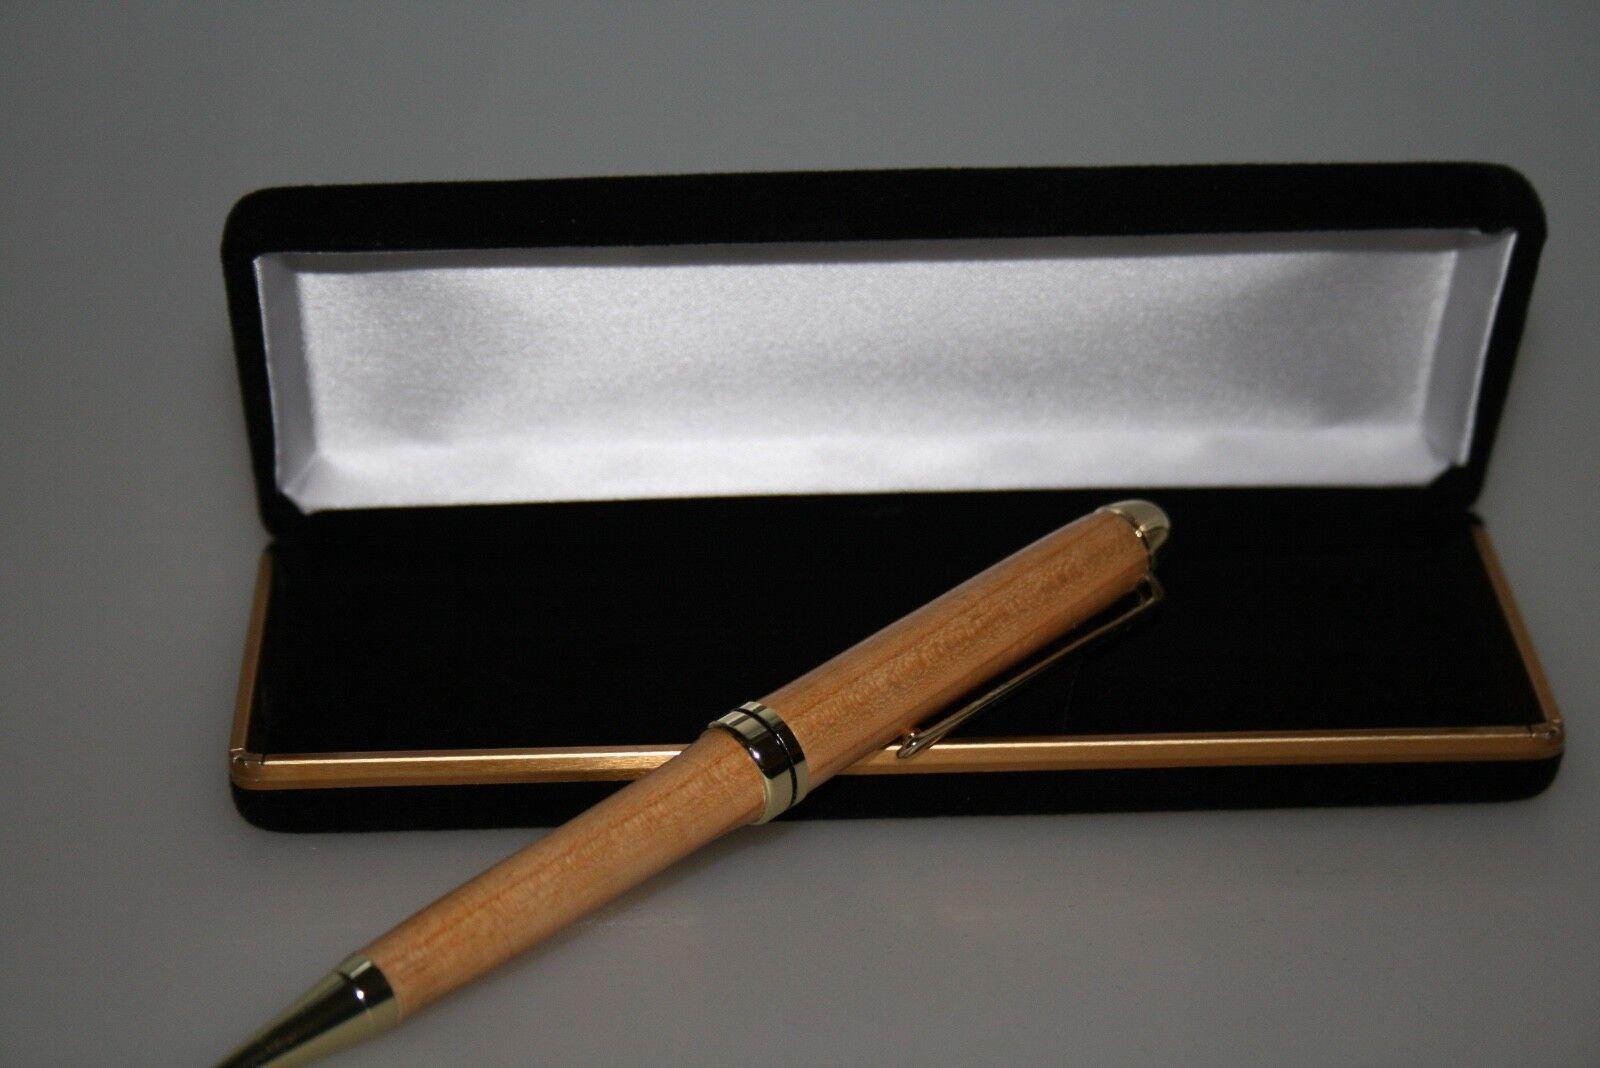 Kugelschreiber, handgedrechselt, hergestellt in D aus Wildkirsche 24kt verGoldet | Tragen-wider